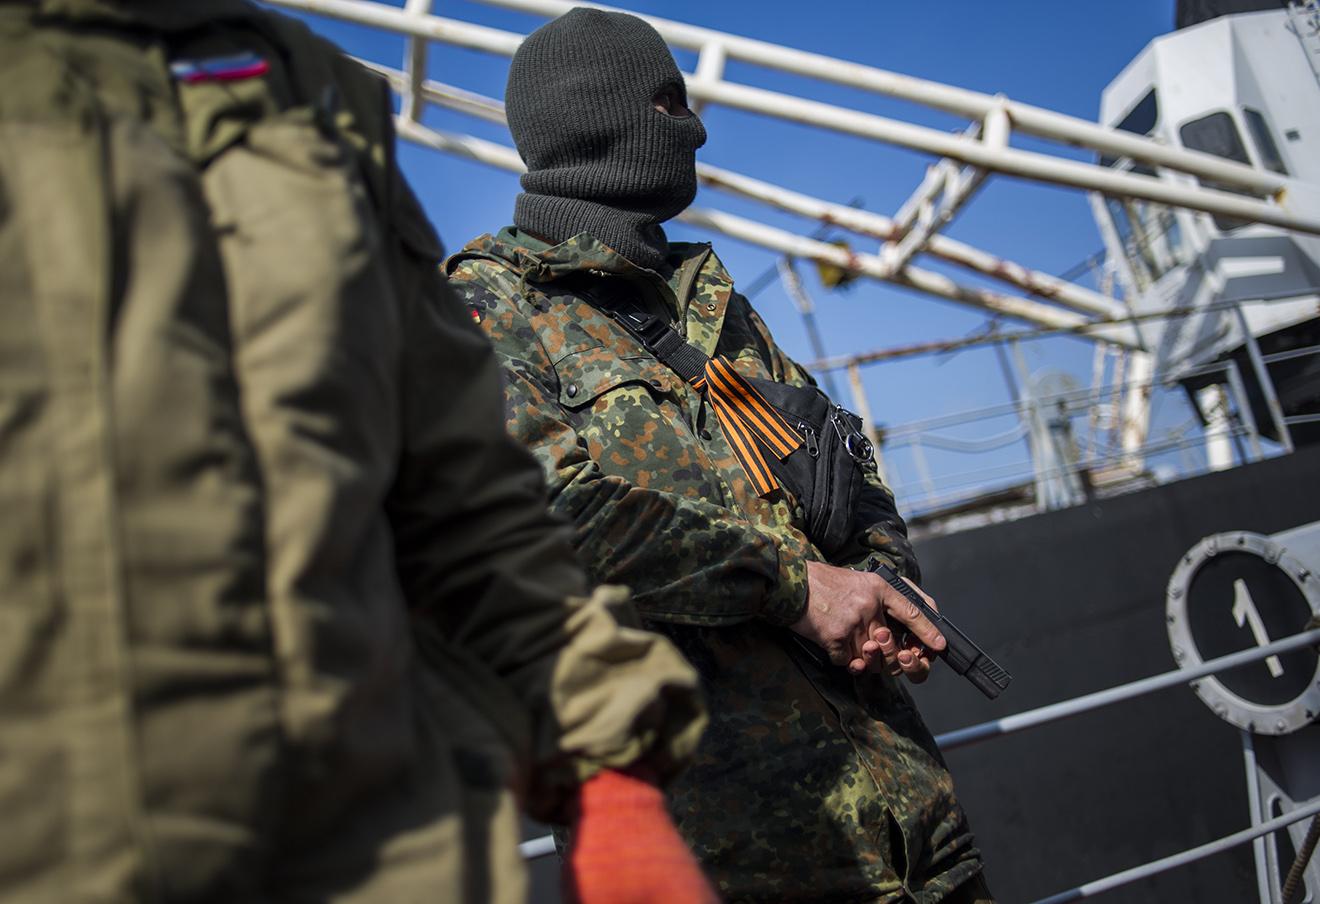 Пророссийский сепаратист во время захвата украинского корабля «Хмельницкий» в Севастополе, 20 марта 2014. Фото: Андрей Любимов / AP / East News